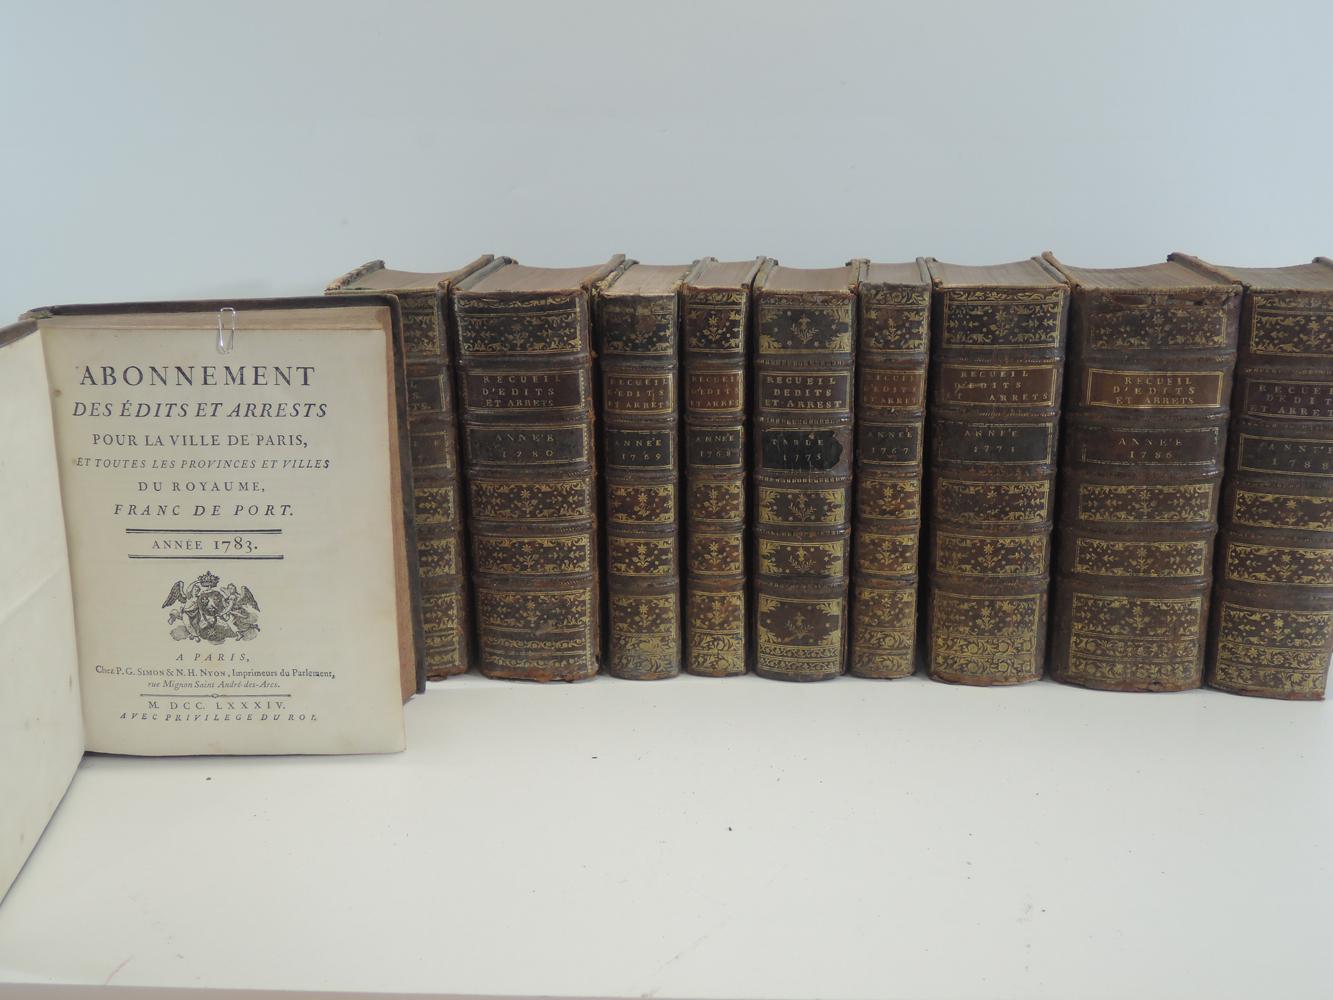 recueils-des-edits-et-arrests-pour-la-ville-de-paris-et-province-du-royaume-1767-1768-1769-1771-1773-1779-1780-1783-1786-1788-paris-simon-imprimeur-du-parlement-1967--181